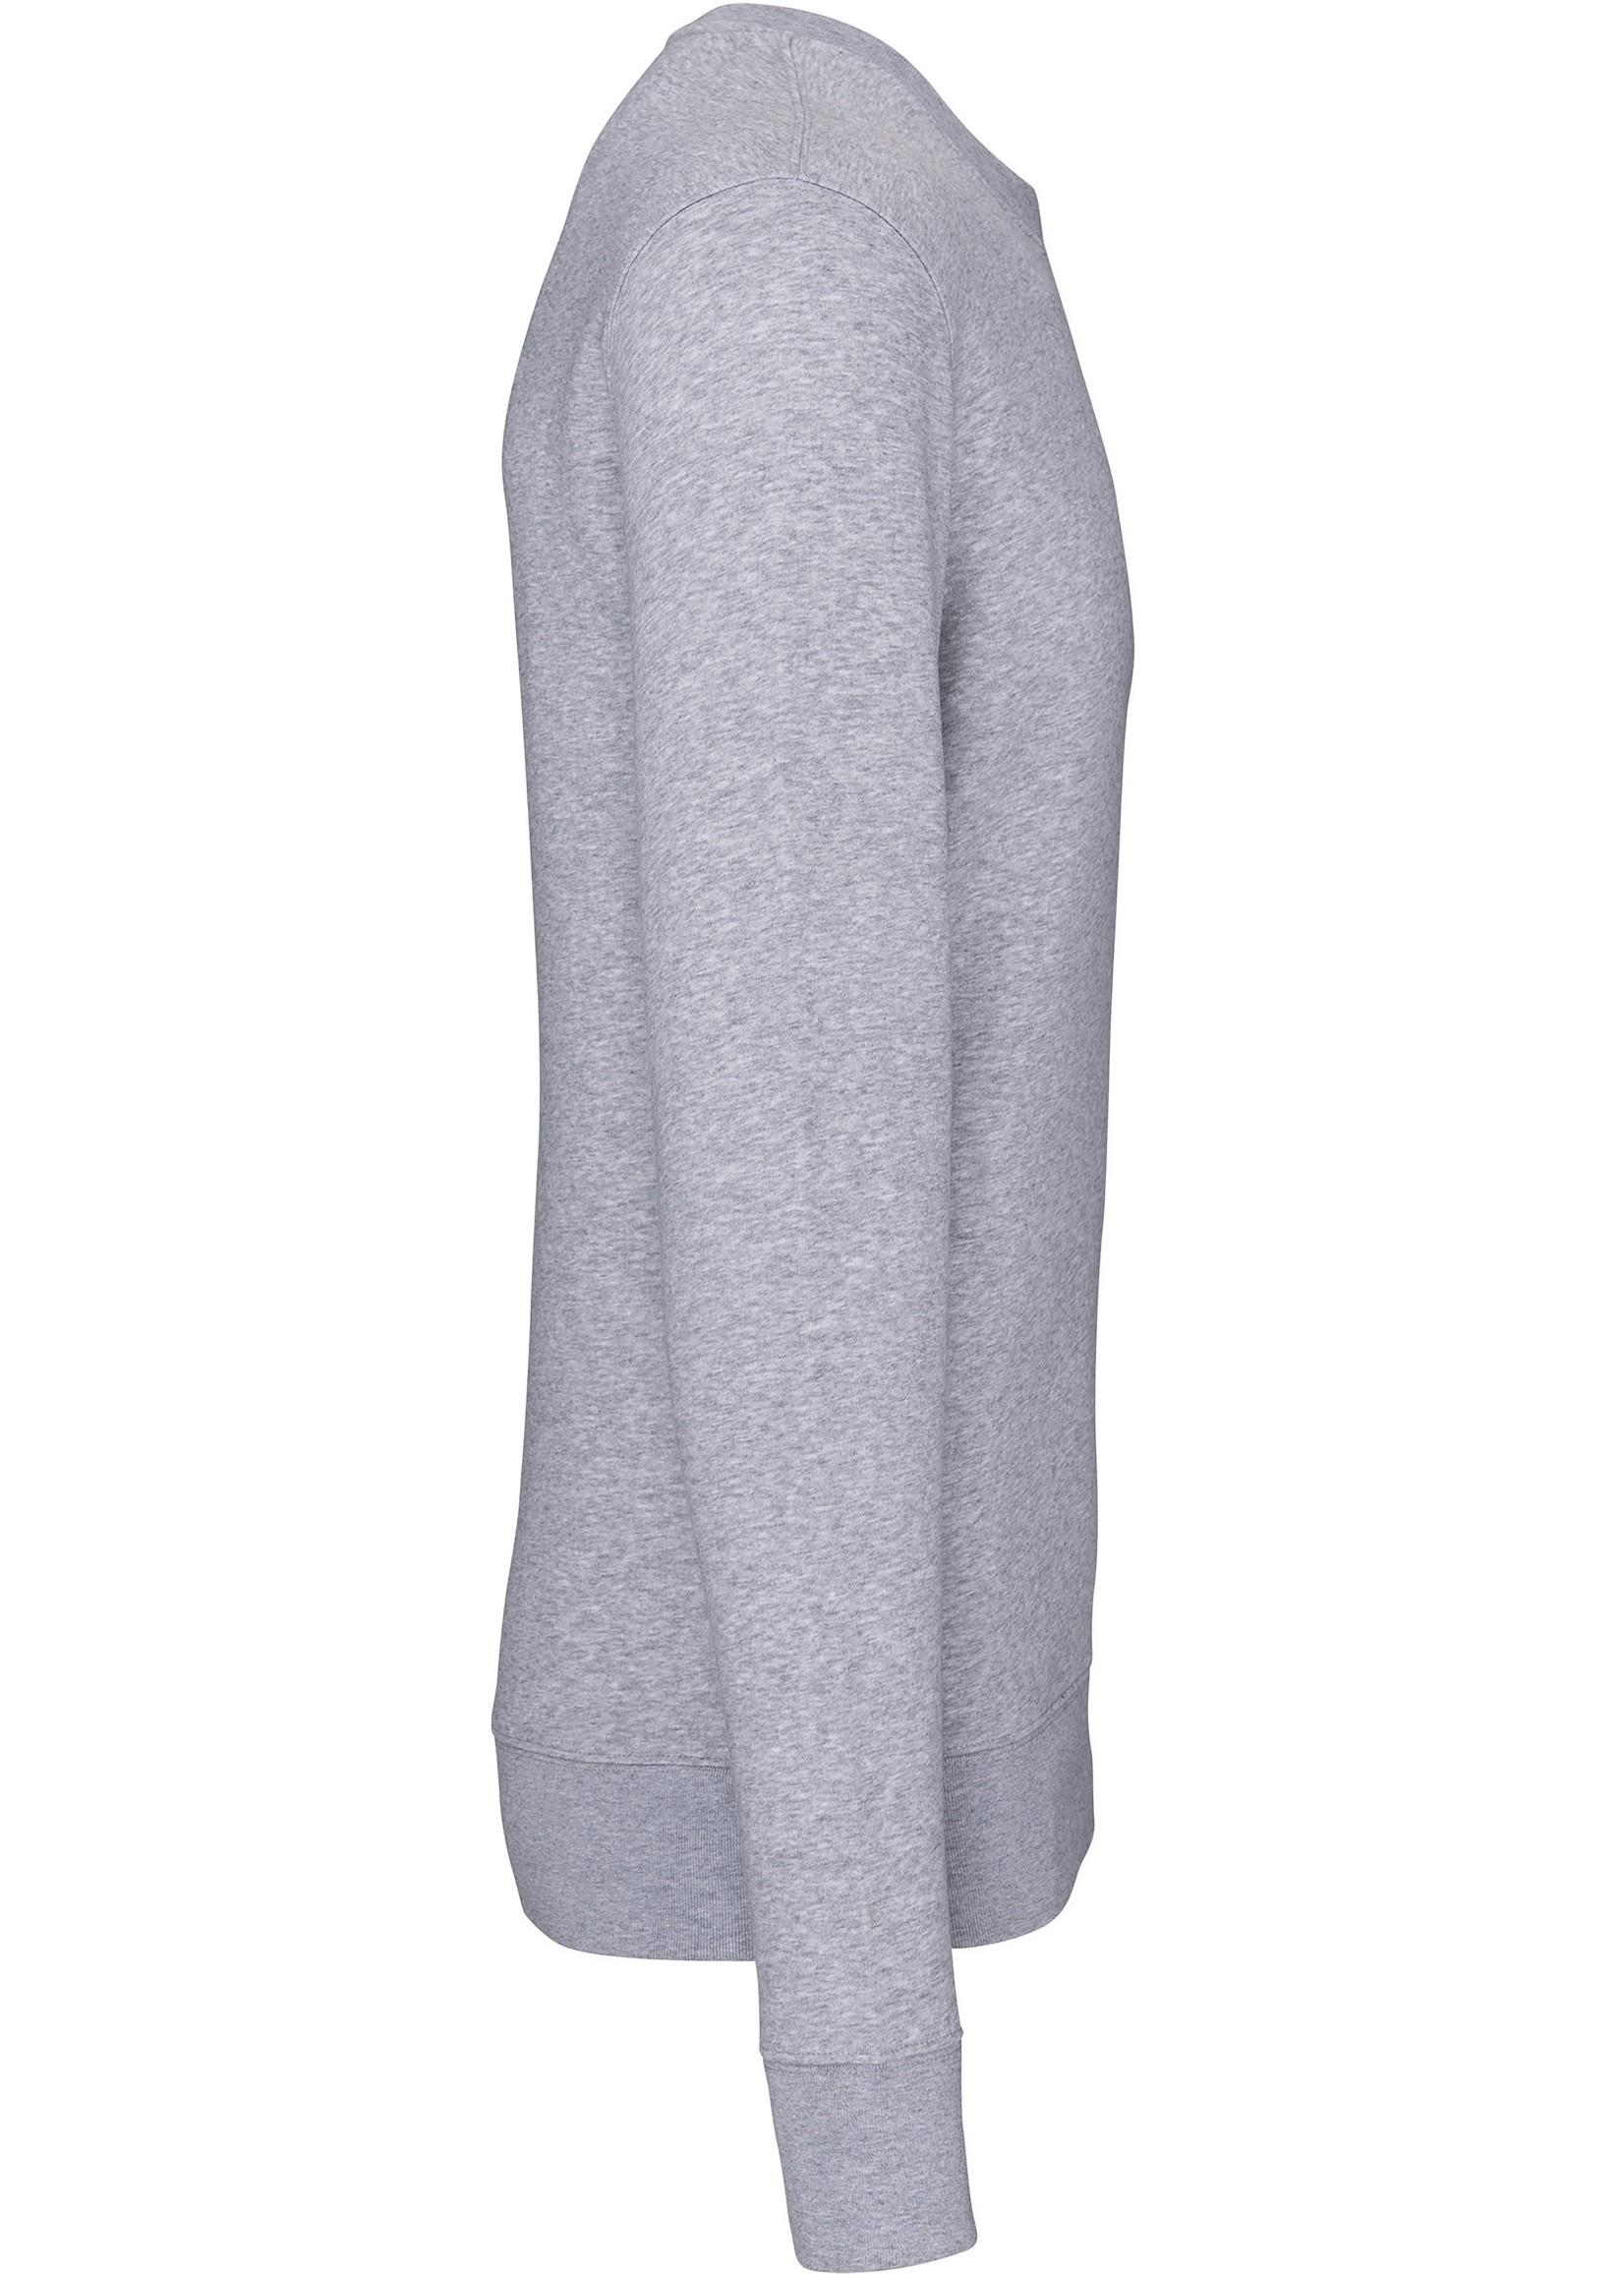 Eco-Friendly Crew Neck Sweater Kids-Oxford-Grey